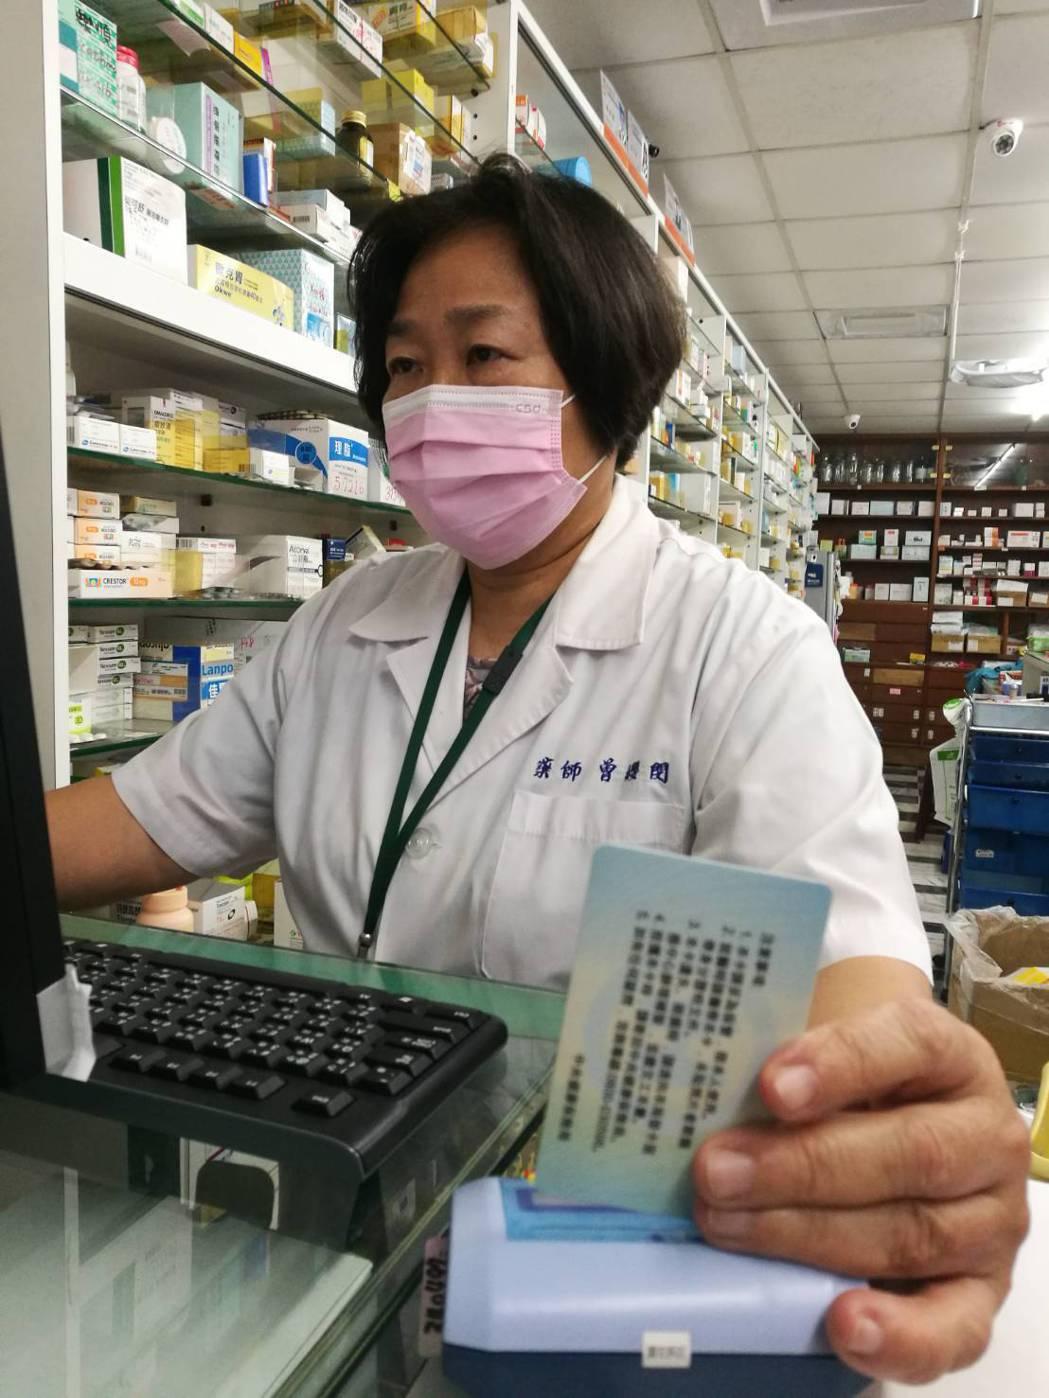 口罩實名制規定一改再改,對基層藥局藥師來說是大考驗。圖/台南市藥師公會提供